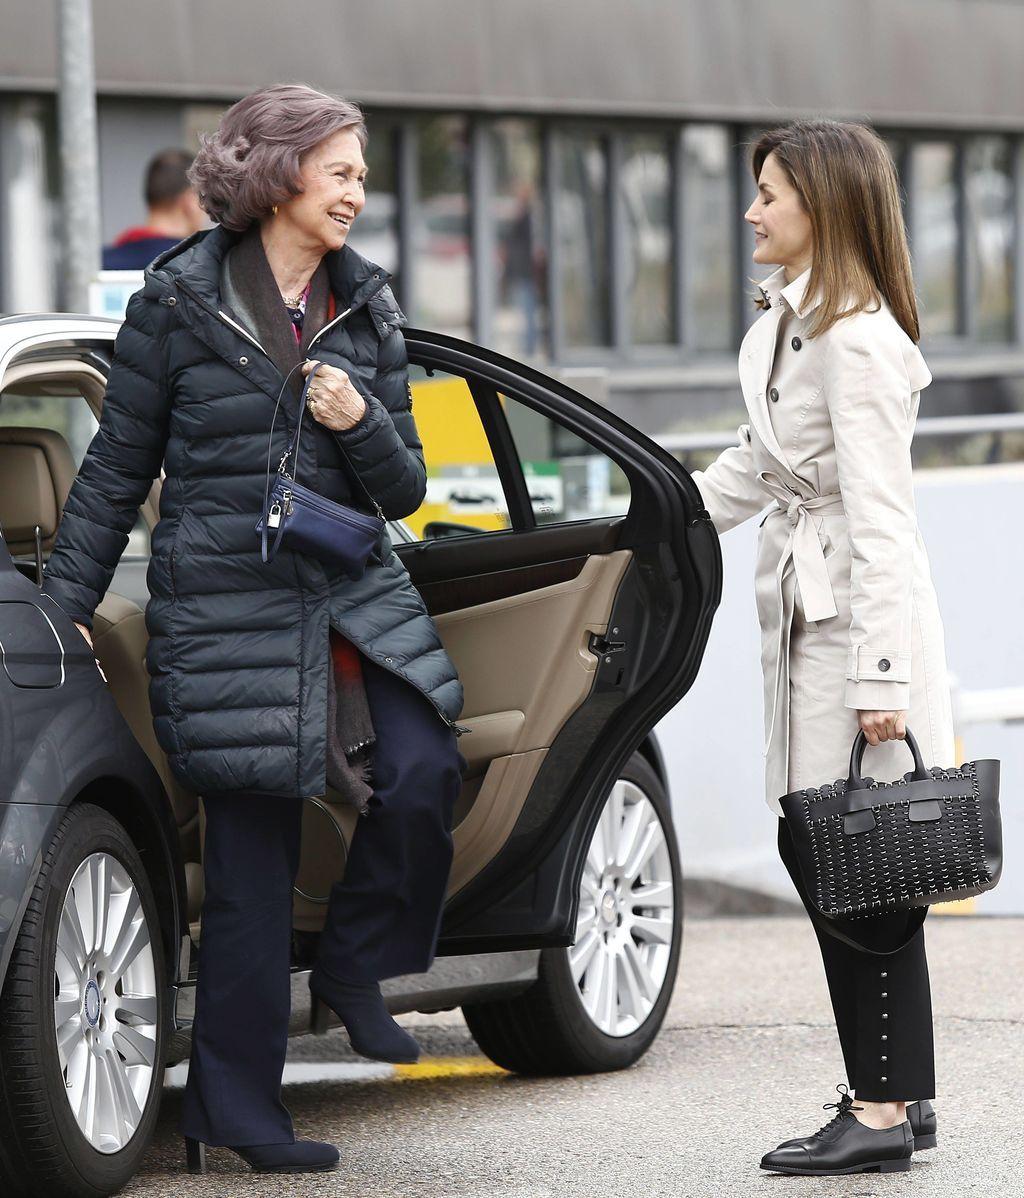 La polémica reaparición de la Reina Letizia y Doña Sofñia, al detalle foto a foto